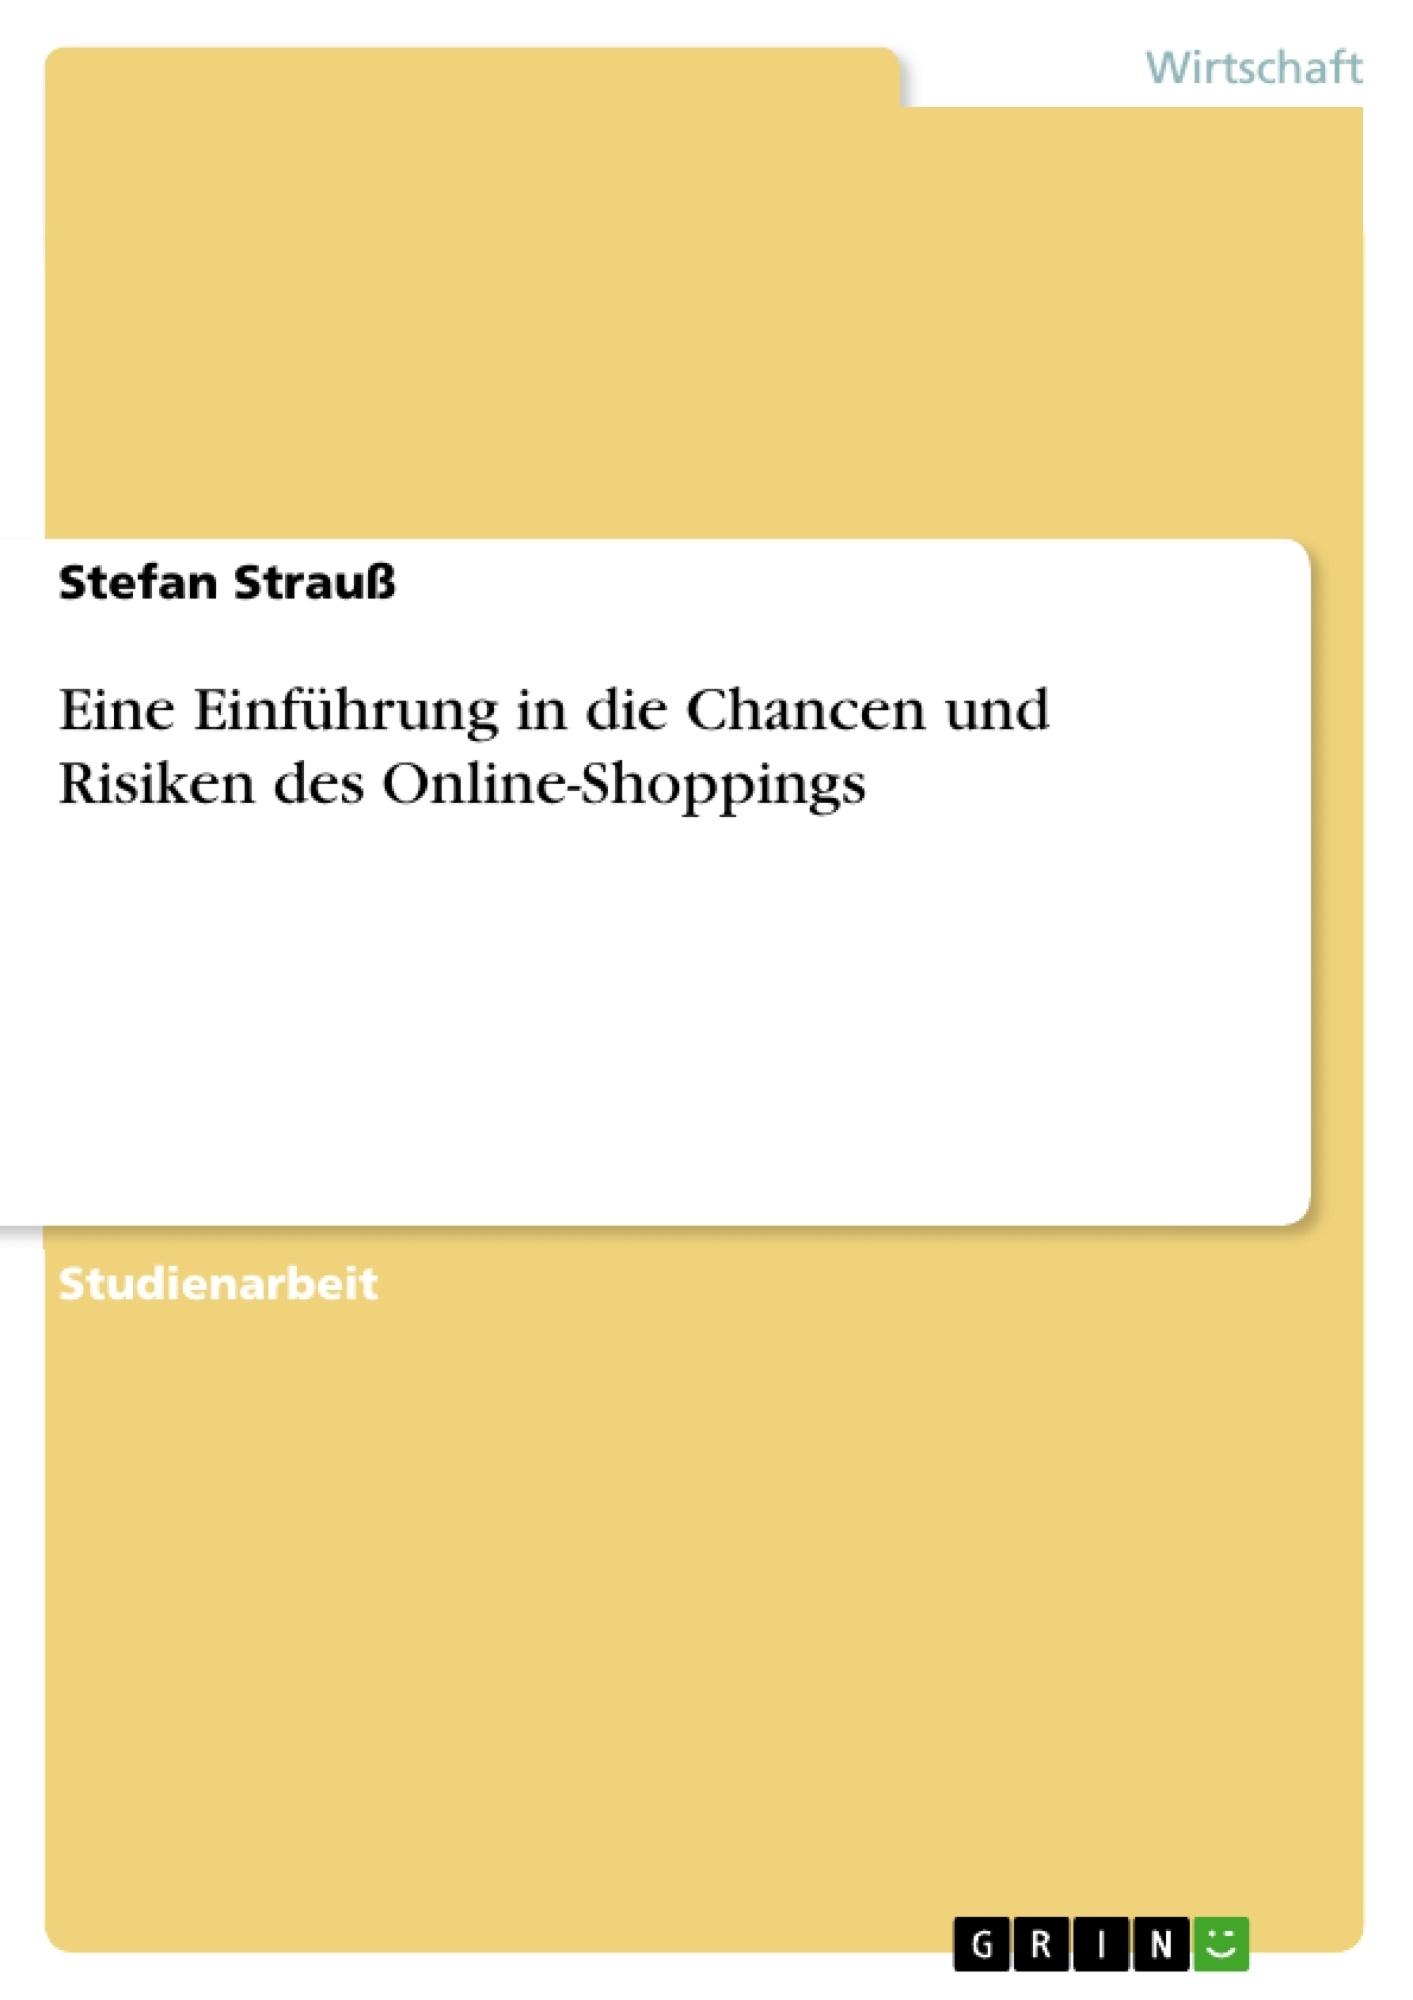 Titel: Eine Einführung in die Chancen und Risiken des Online-Shoppings